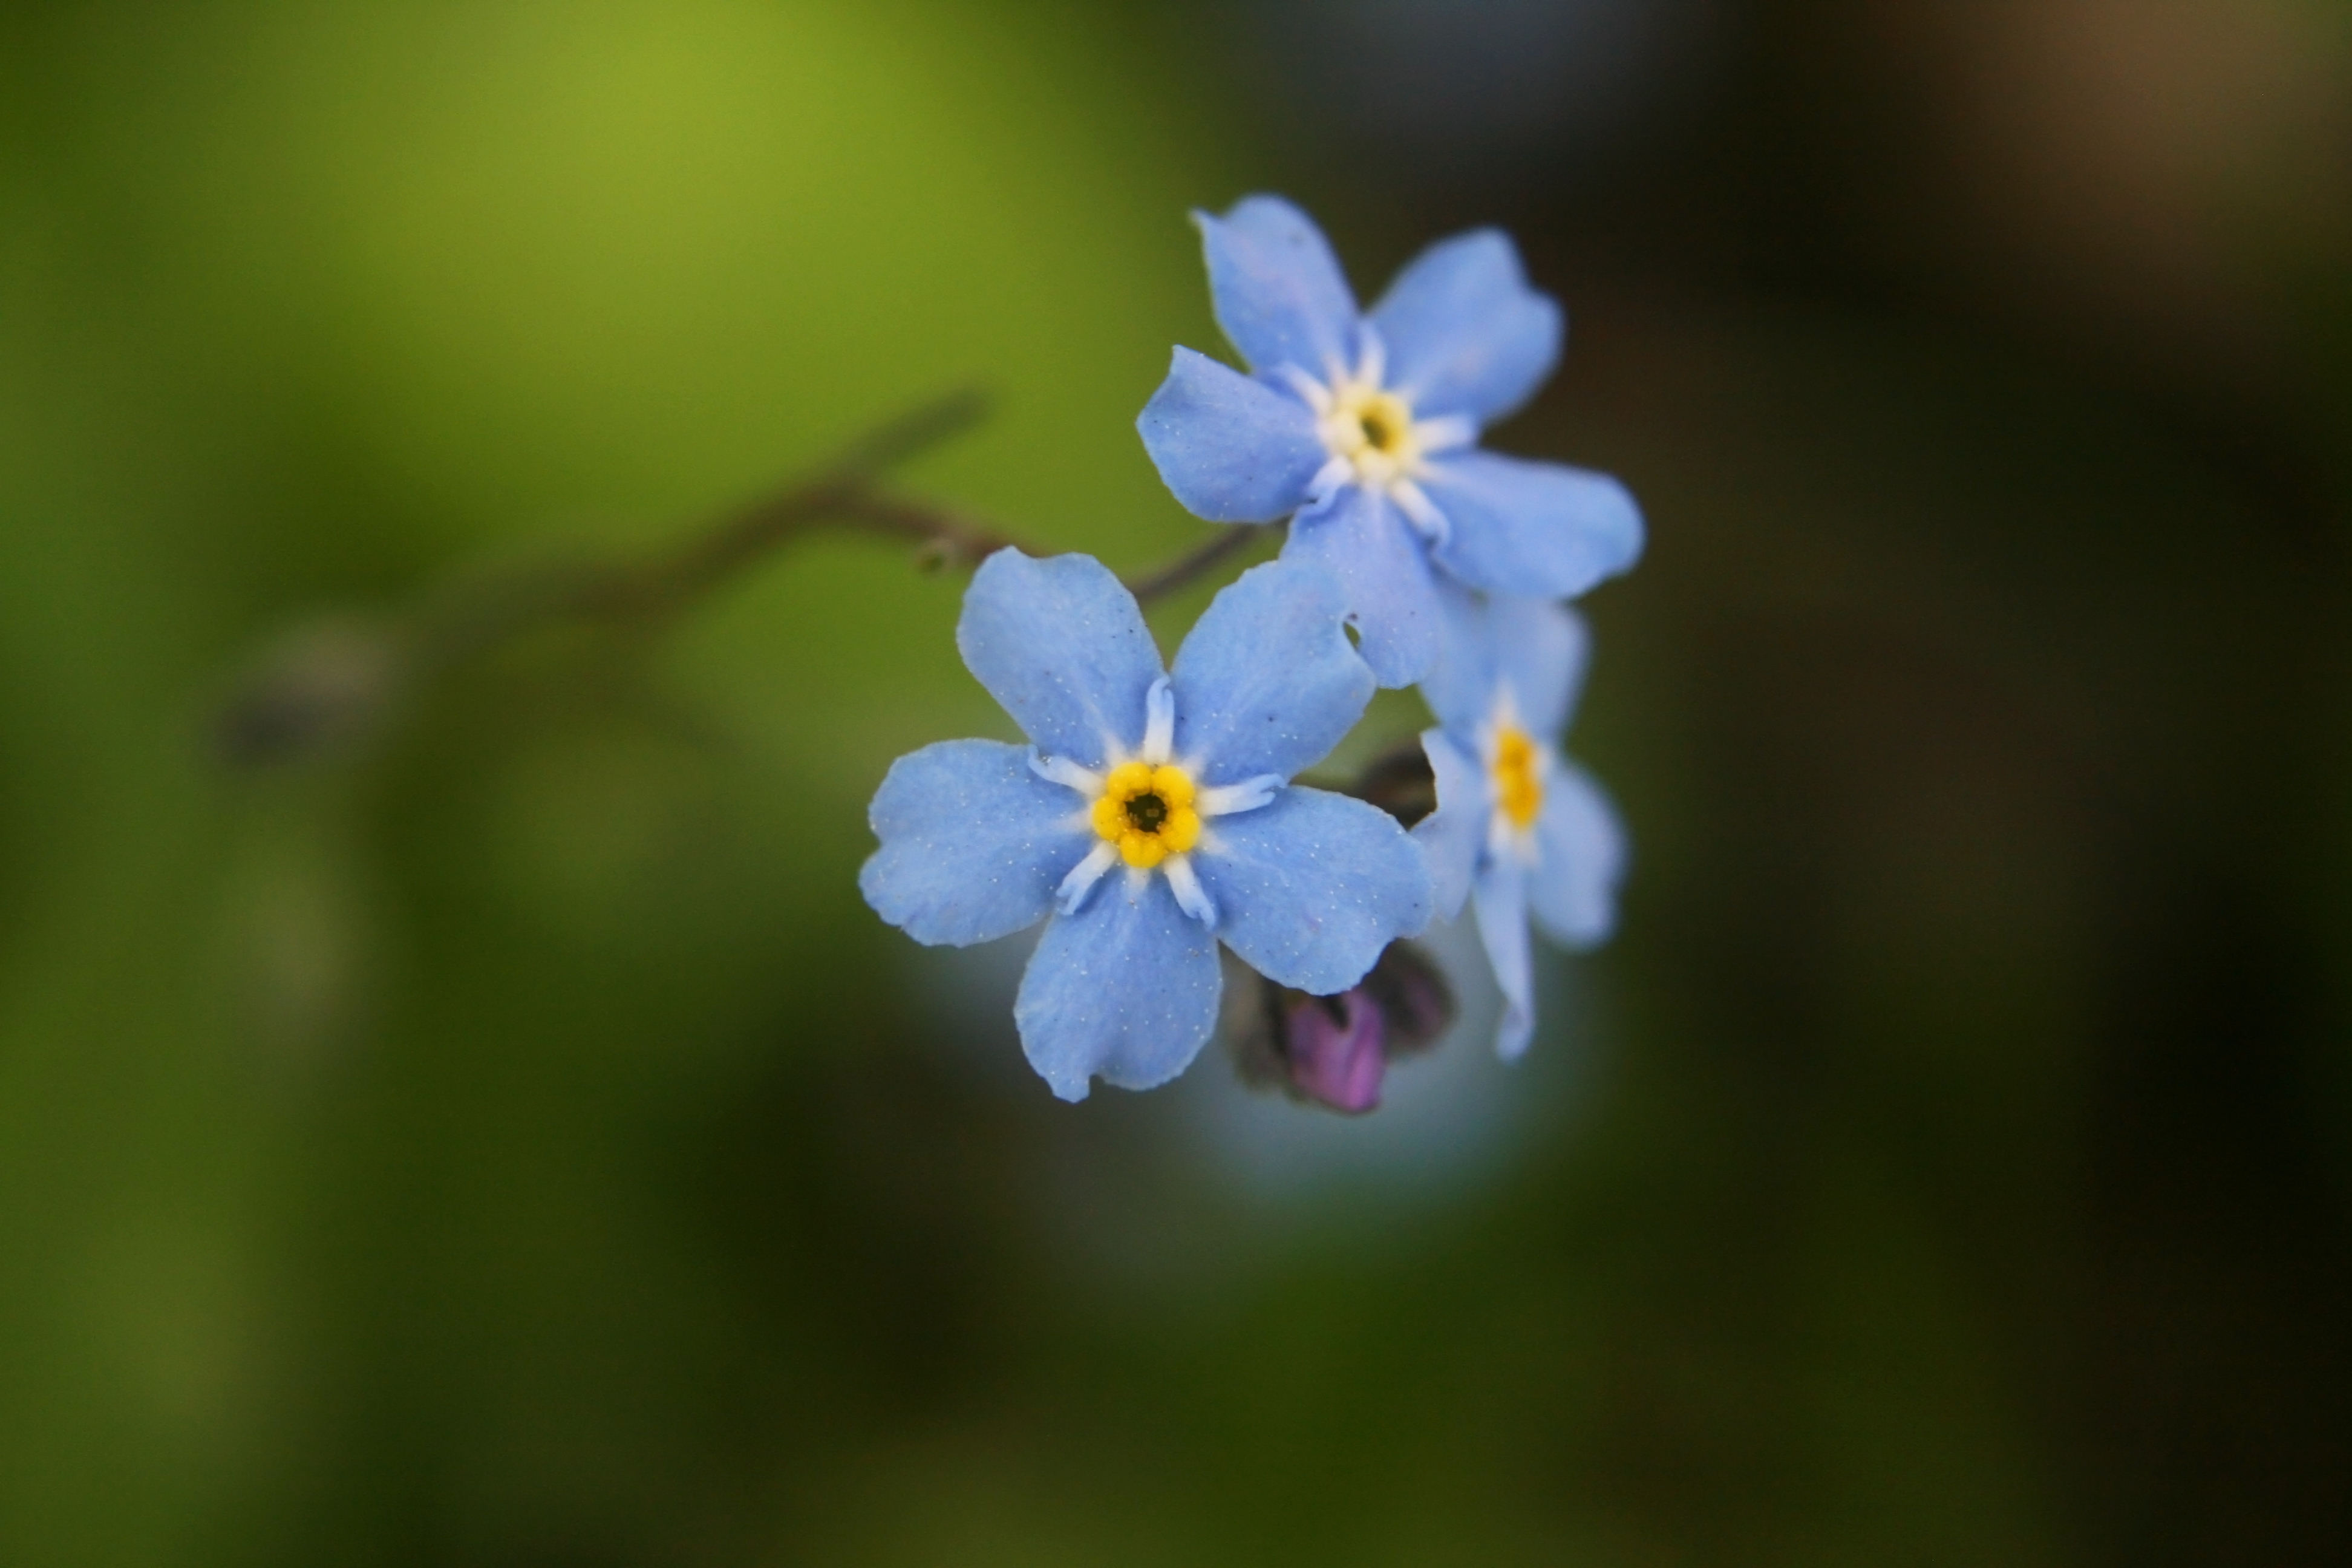 Forget Me Not Flower Desktop